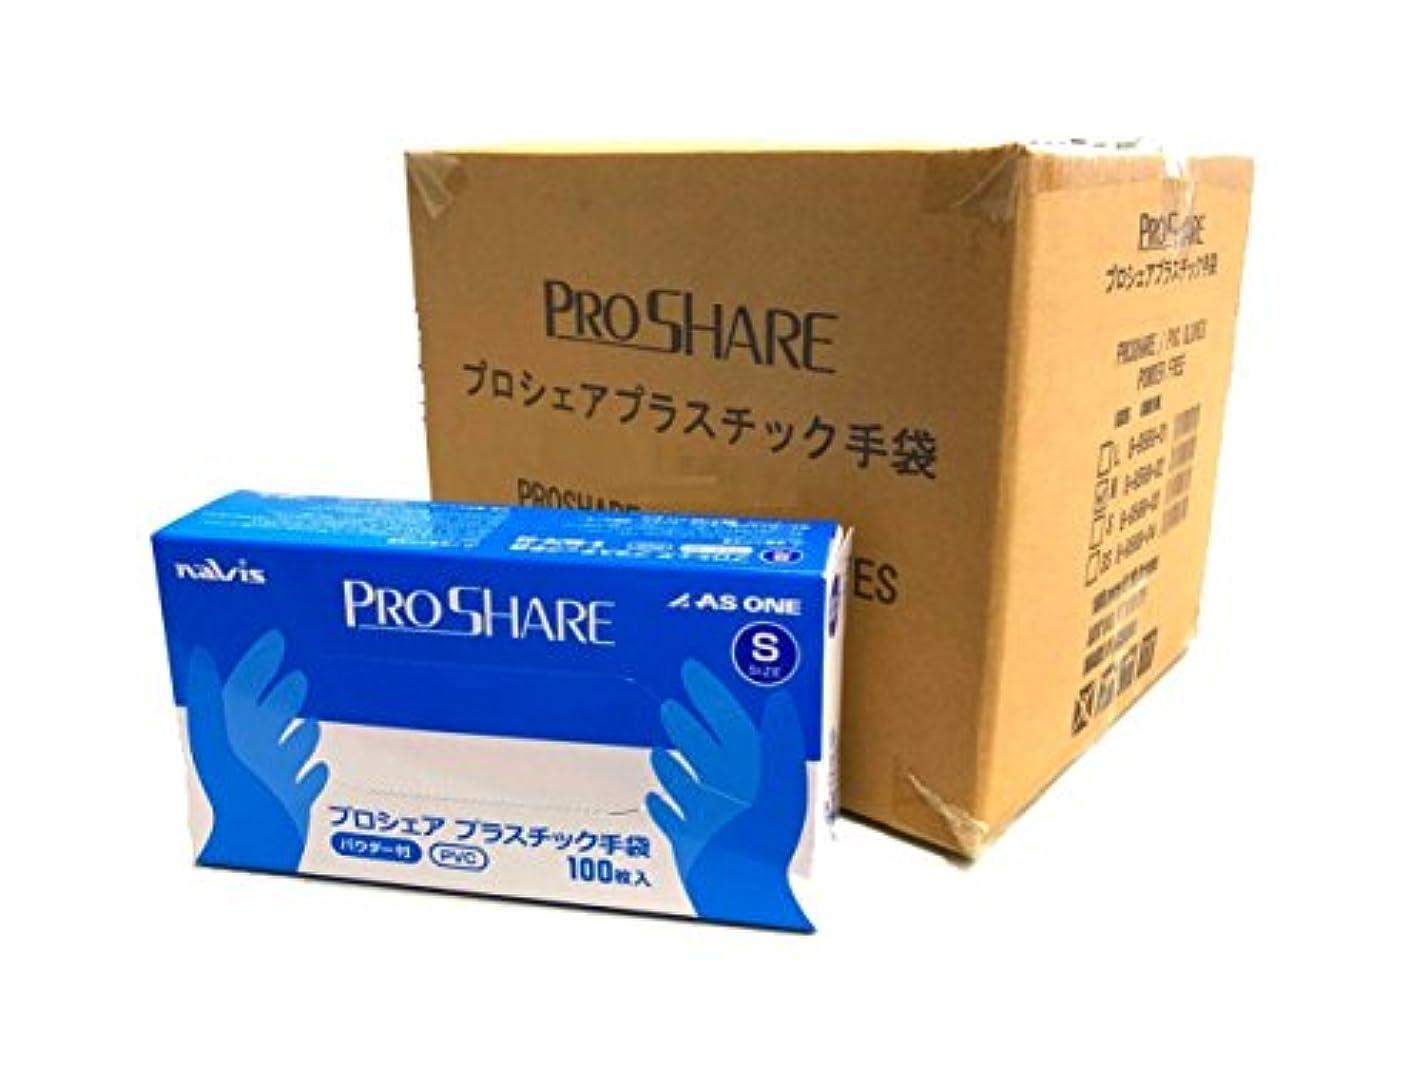 郵便物タック晴れ【ケース販売】 ナビス プロシェア 使い捨て プラスチック手袋 パウダー付 S 1ケース(100枚×10箱)